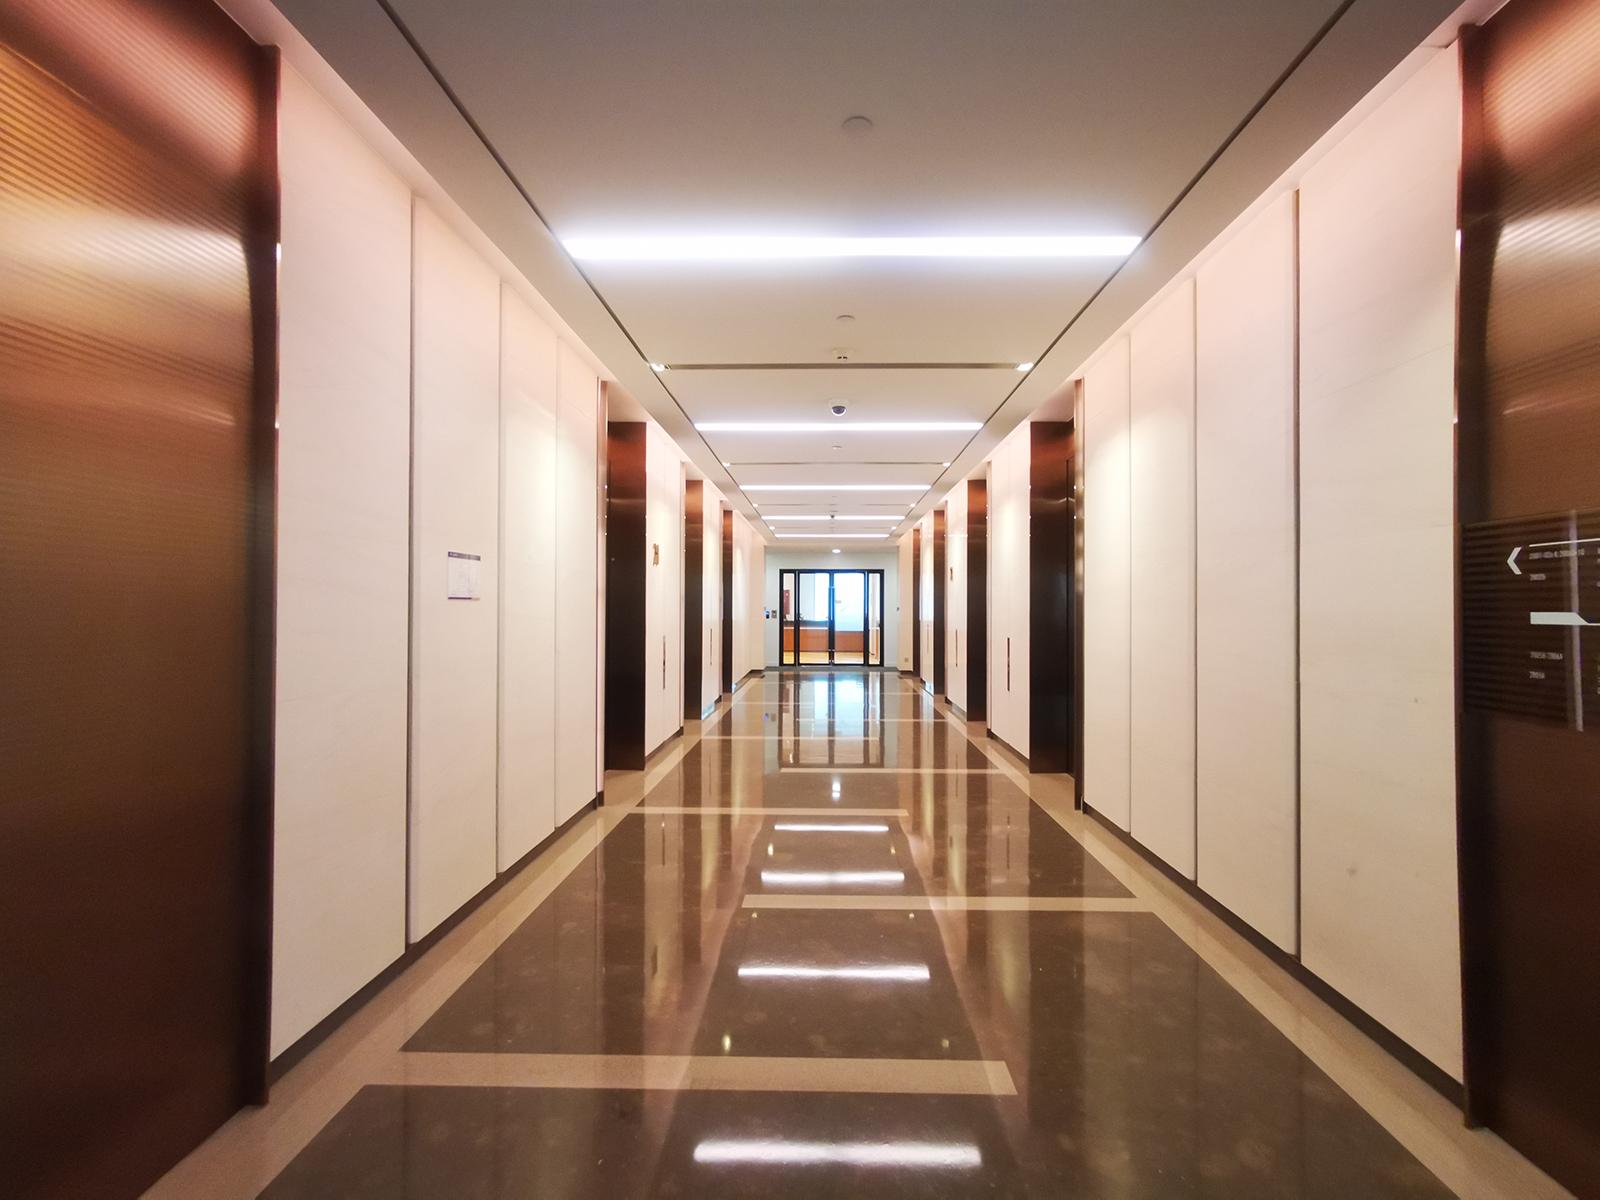 """大楼外立面采用极具创造性的""""窗扇""""设计元素使建筑立面富有变化和节奏图片"""